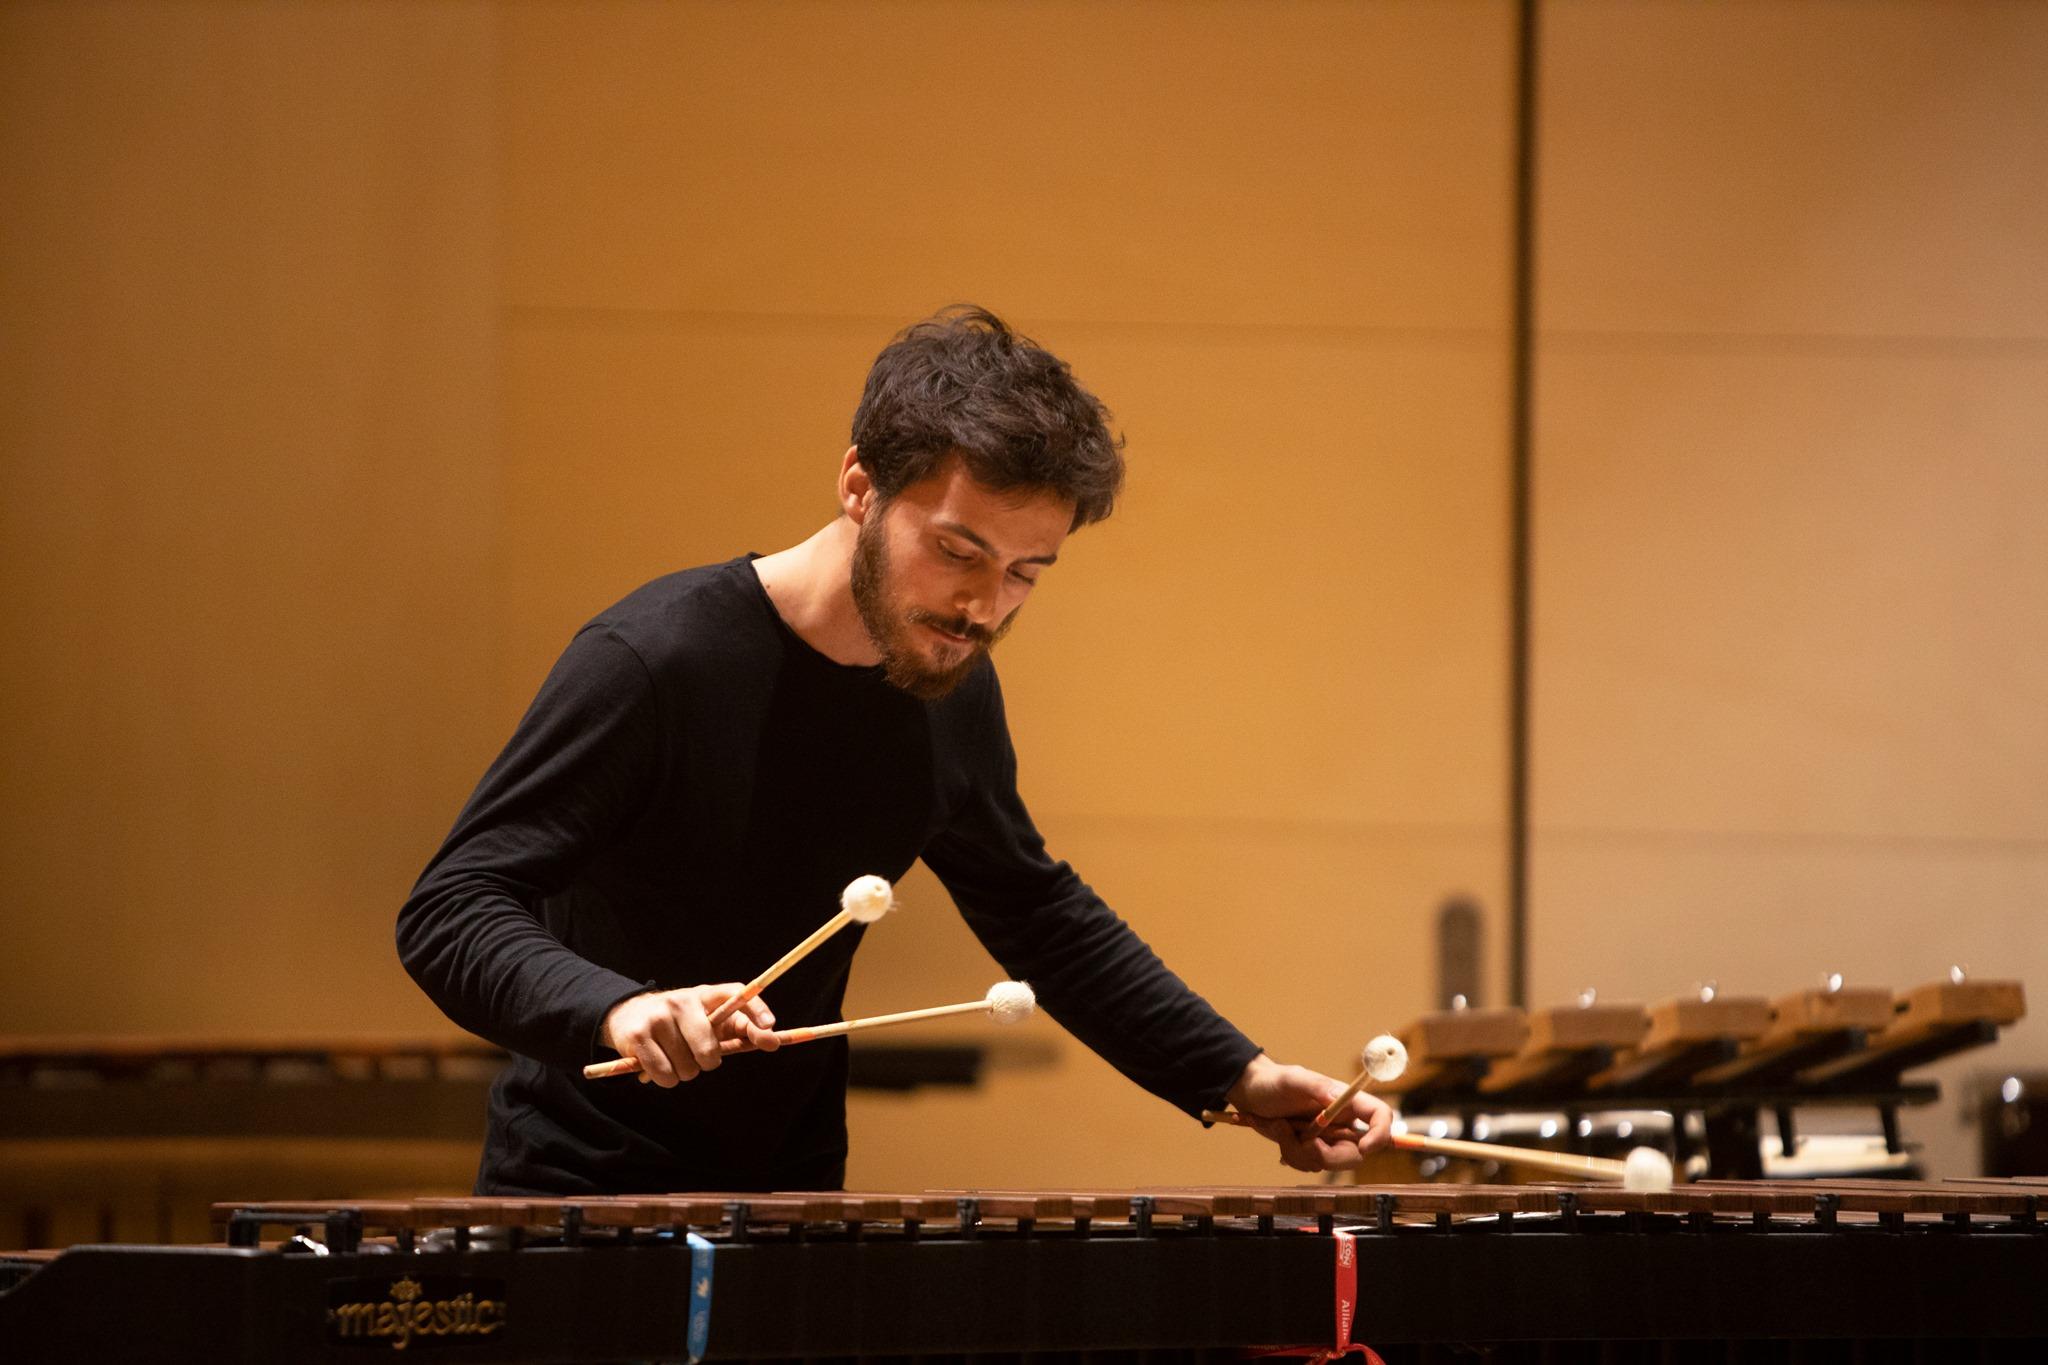 Concerto Antena 2   Cristiano Rios